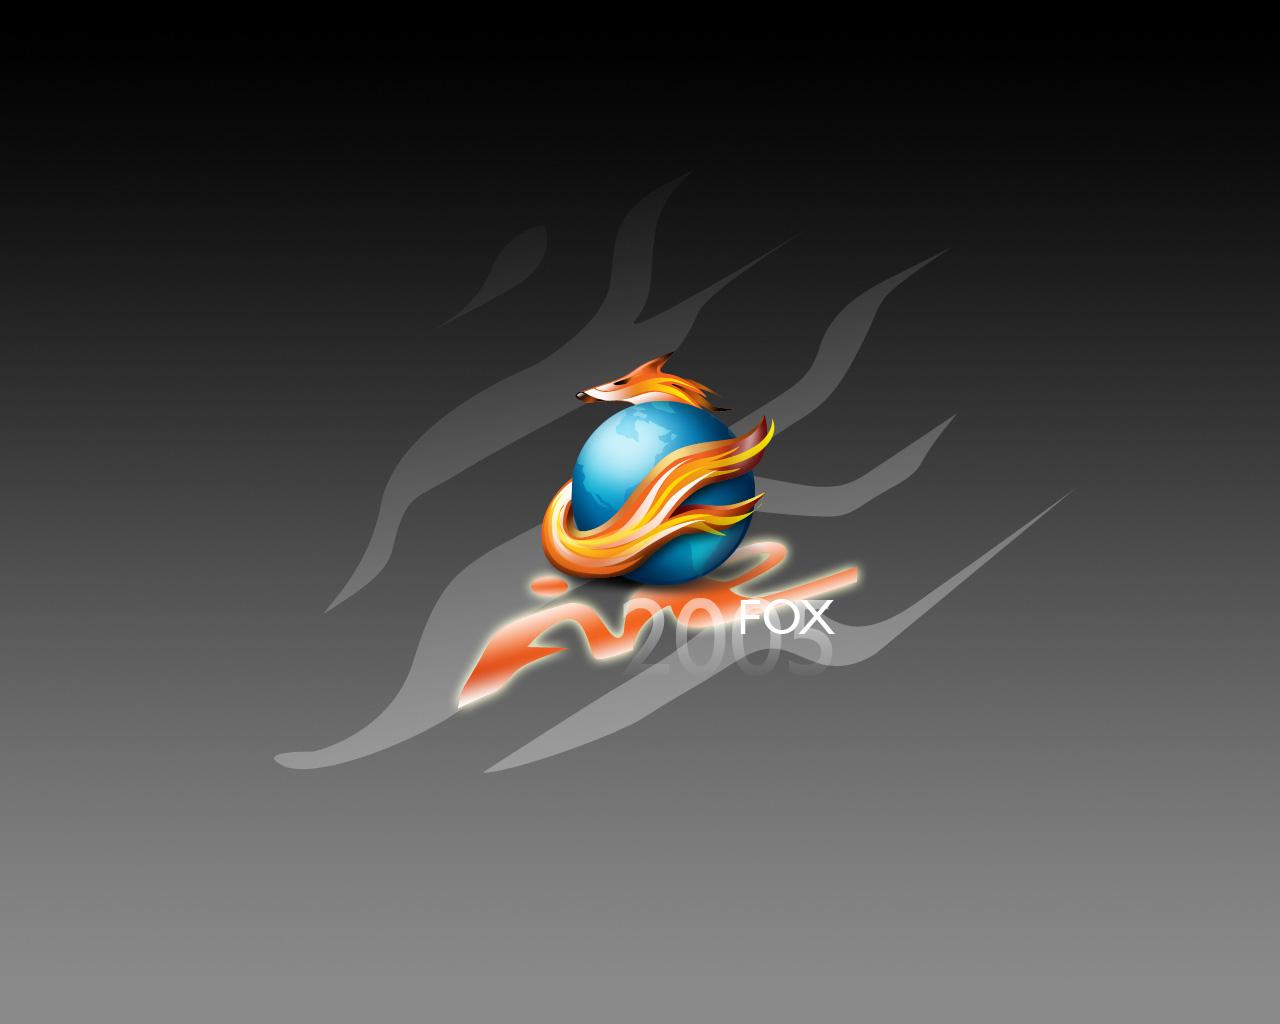 http://1.bp.blogspot.com/-TI1g3uTAhF8/TgmxmaxcvXI/AAAAAAAAA6Y/hyiO9OClXyE/s1600/firefox1%2Bby%2Bwww.bdtvstar.com%2B%25287%2529.jpg